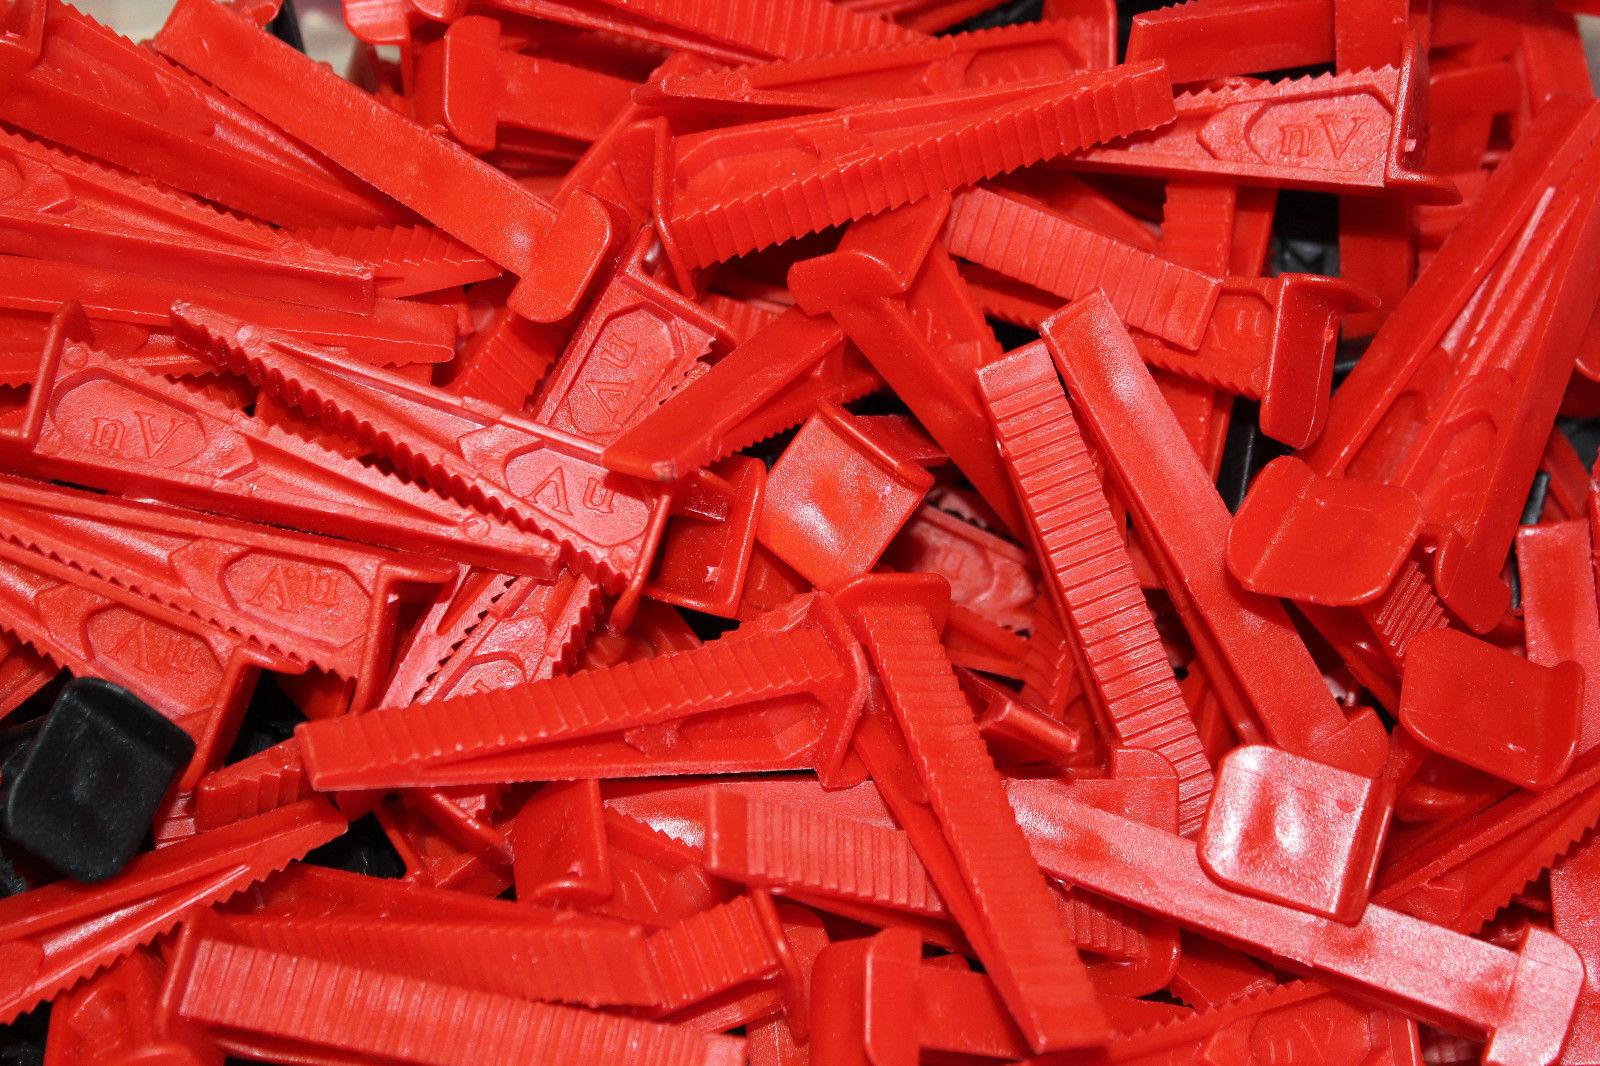 Fliesen Nivelliersystem, Verlegehilfe 3000 Laschen Laschen Laschen (1 mm) + 800 Keile + Zange | Online Store  | Langfristiger Ruf  | Moderne Technologie  f5b3ab